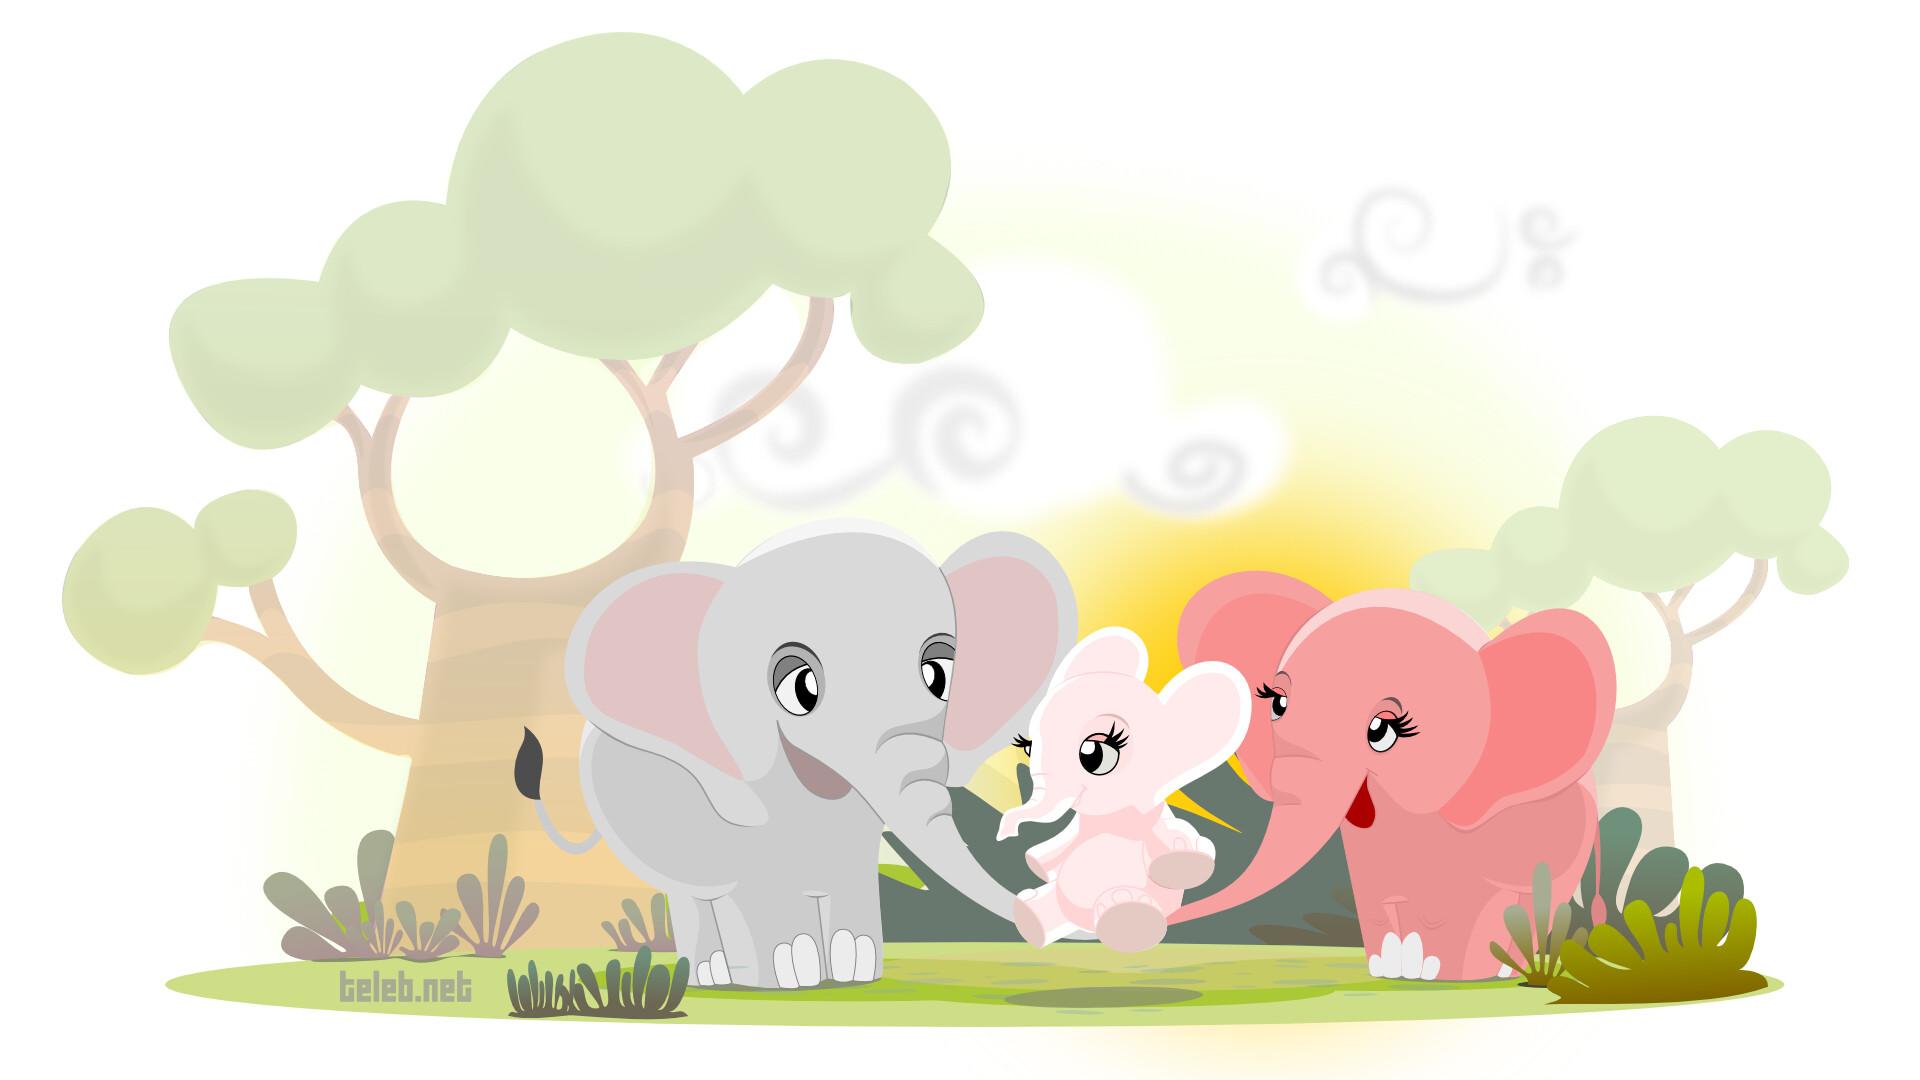 картинки мультяшных слонов семья липовая аллея